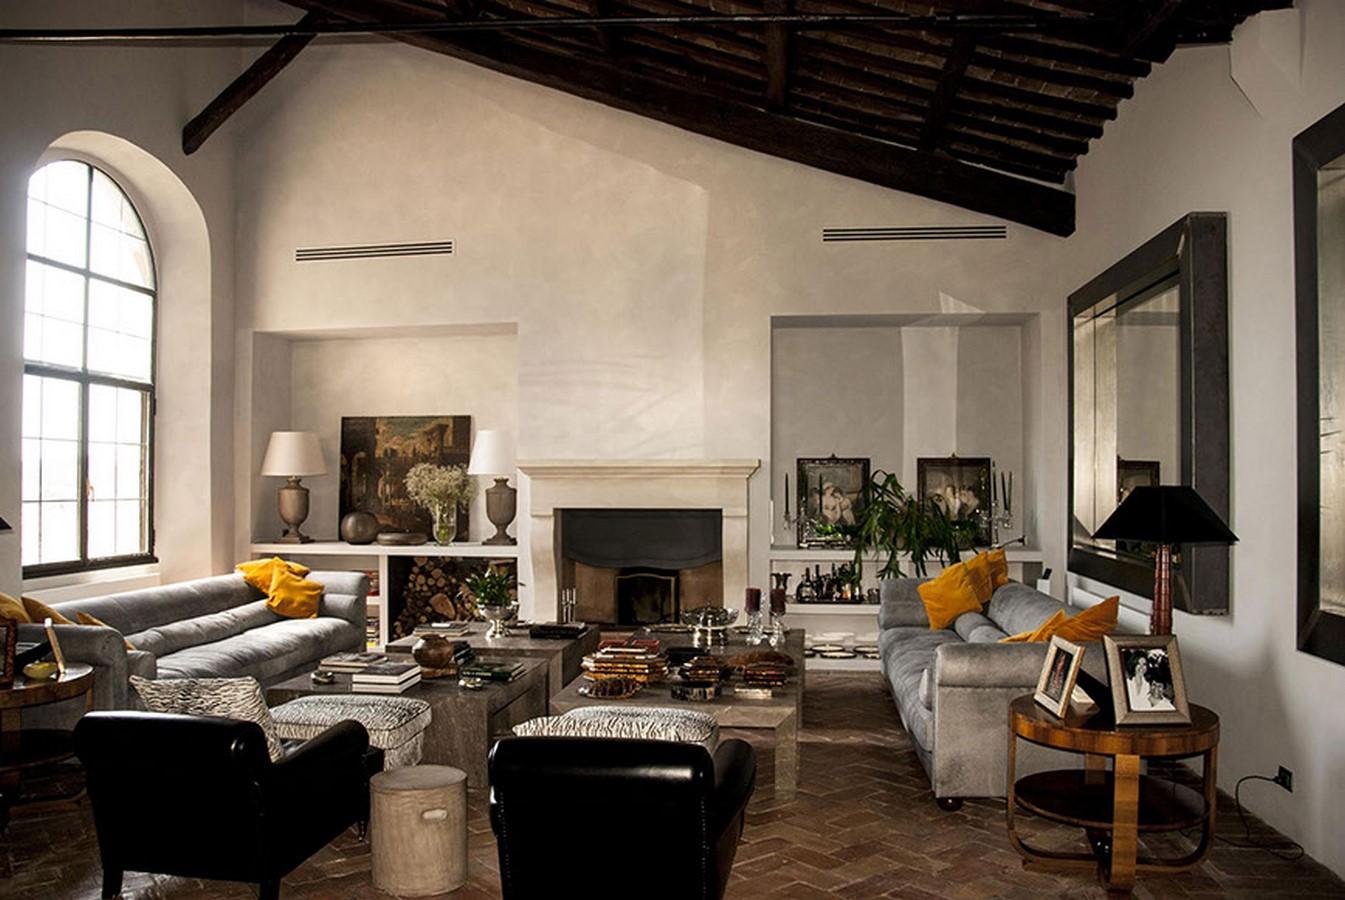 Architects in Palermo - Top 35 Architects in Palermo - Sheet27